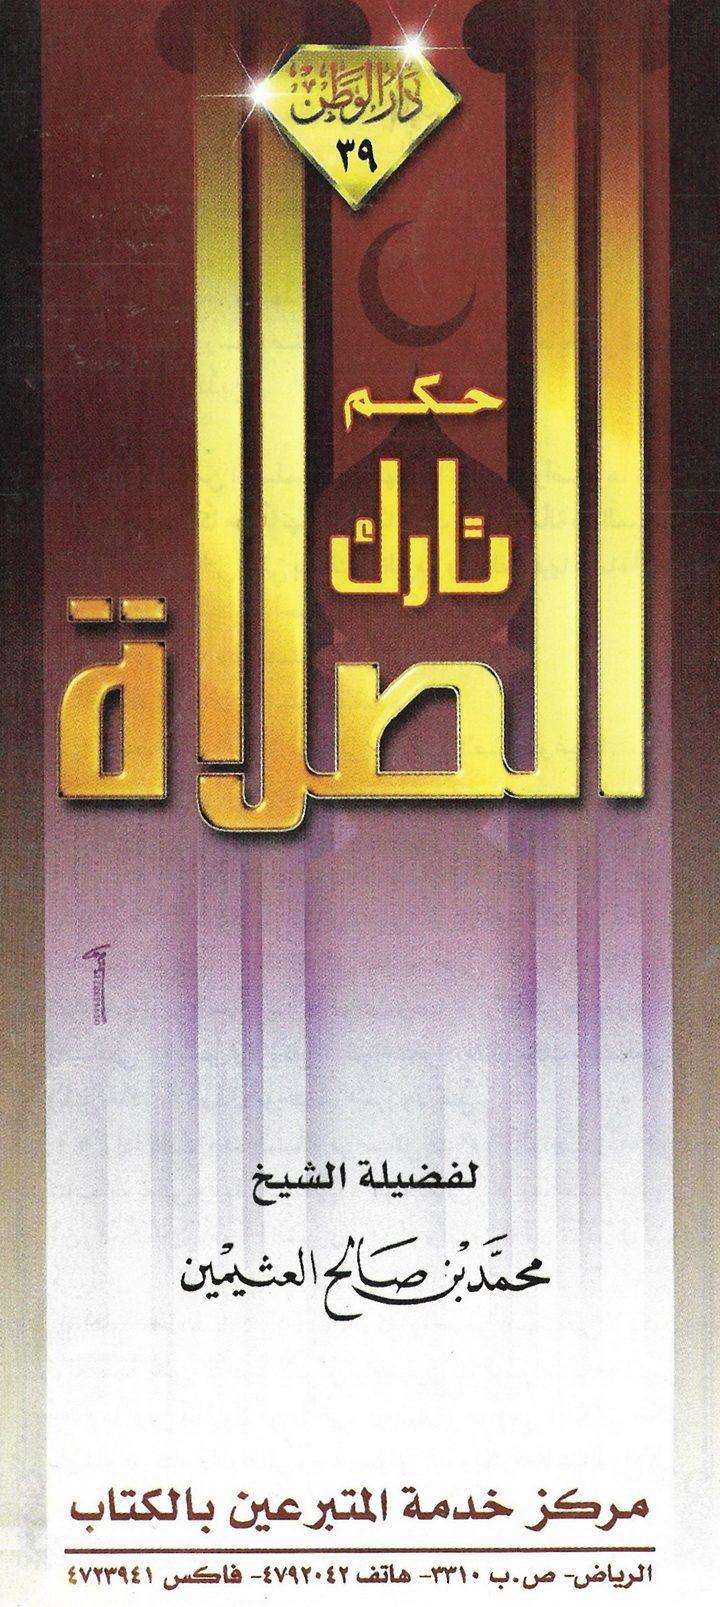 حكم تارك الصلاة (محمد بن صالح العثيمين – دار الوطن)